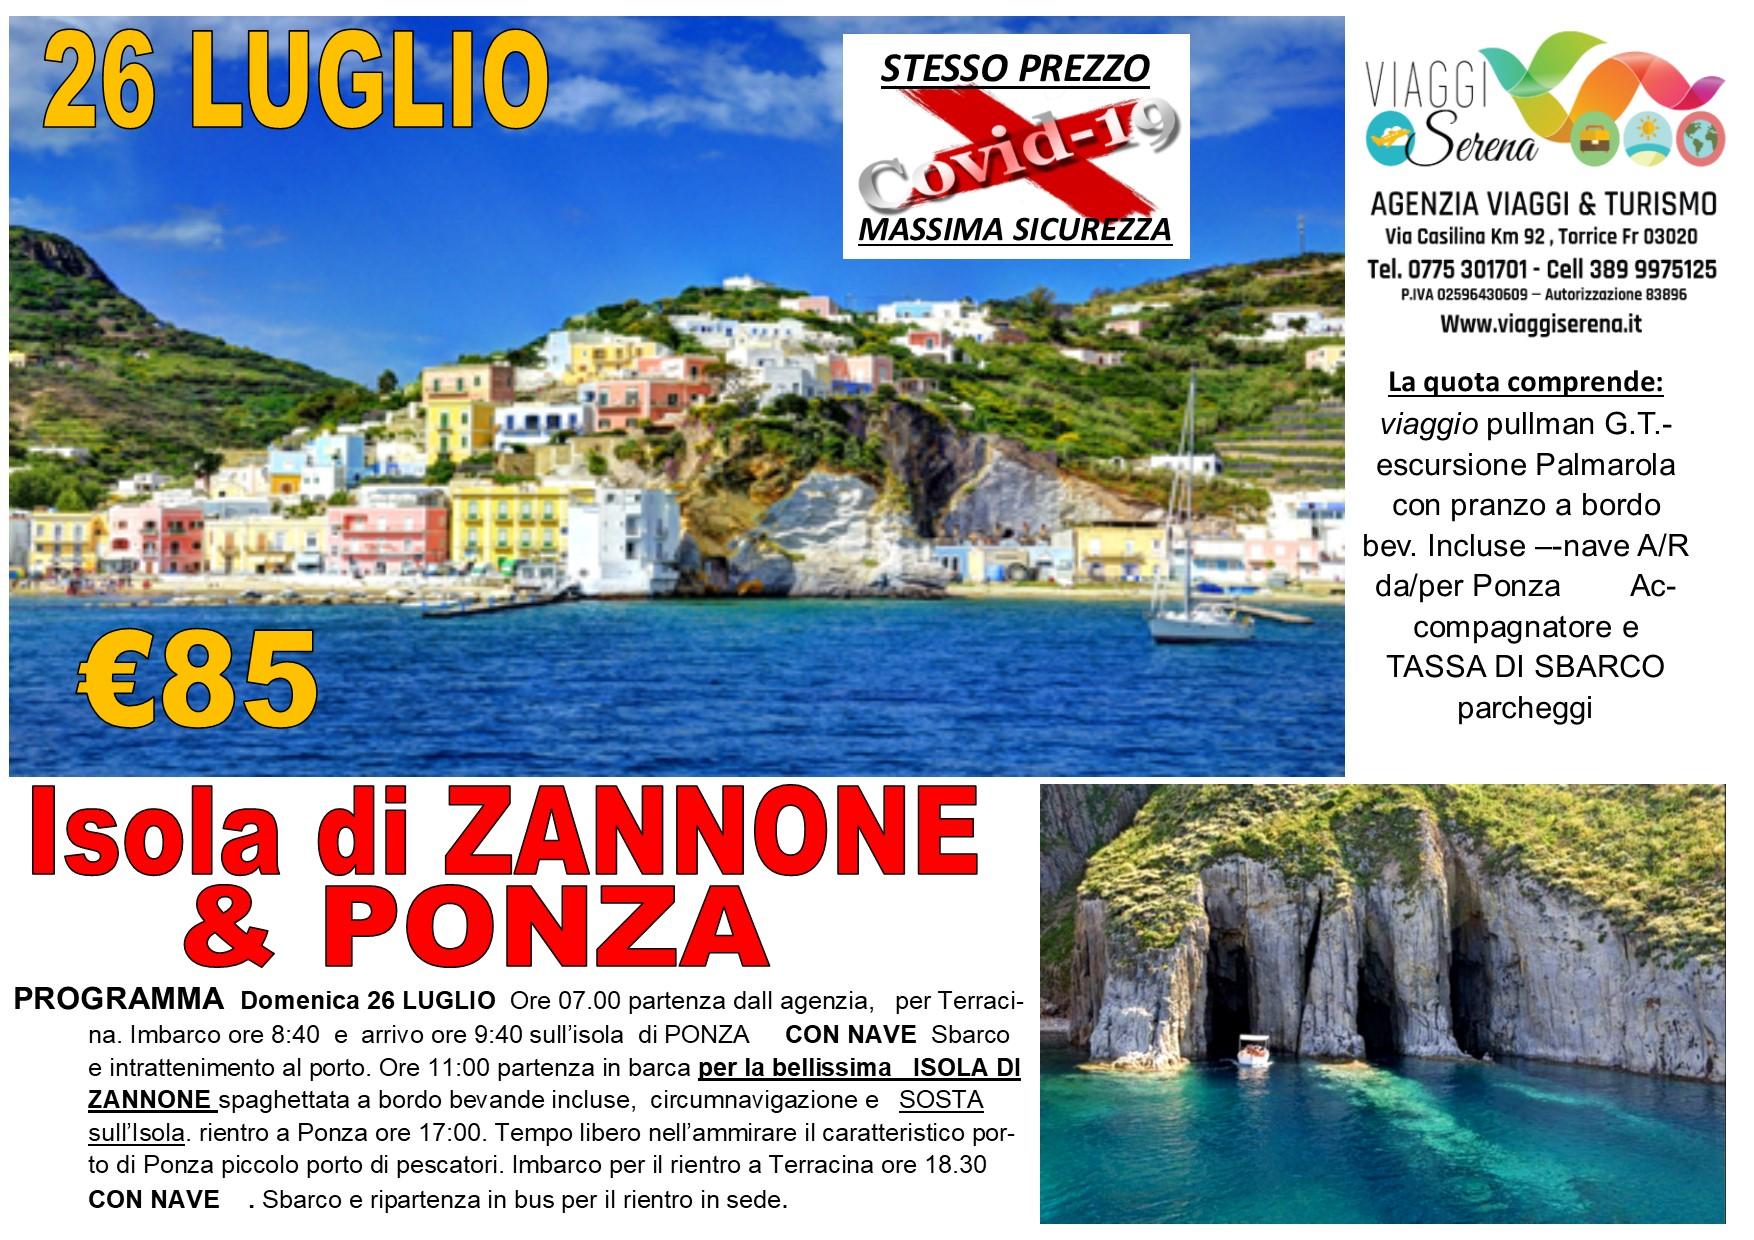 Viaggi di Gruppo: Isola di ZANNONE & Ponza 26 LUGLIO €85,00